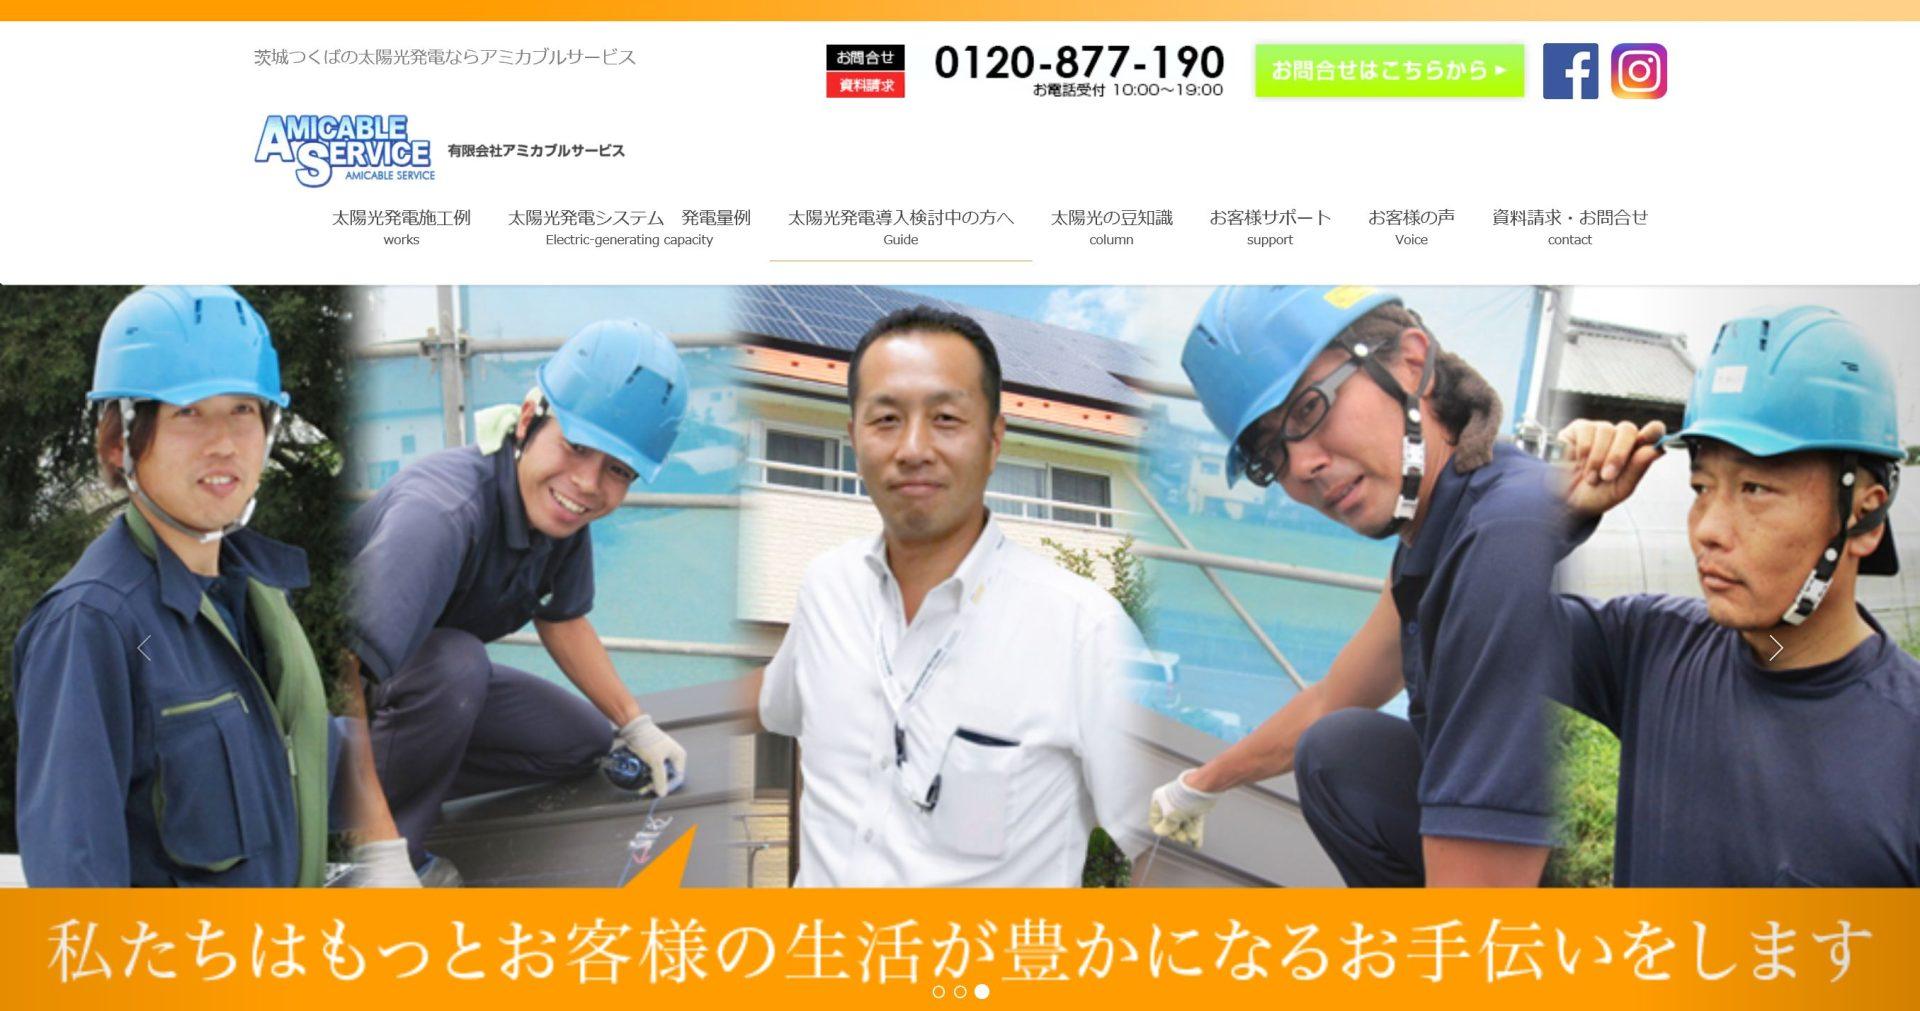 茨城県つくば・阿見町の太陽光発電 アミカブルサービス